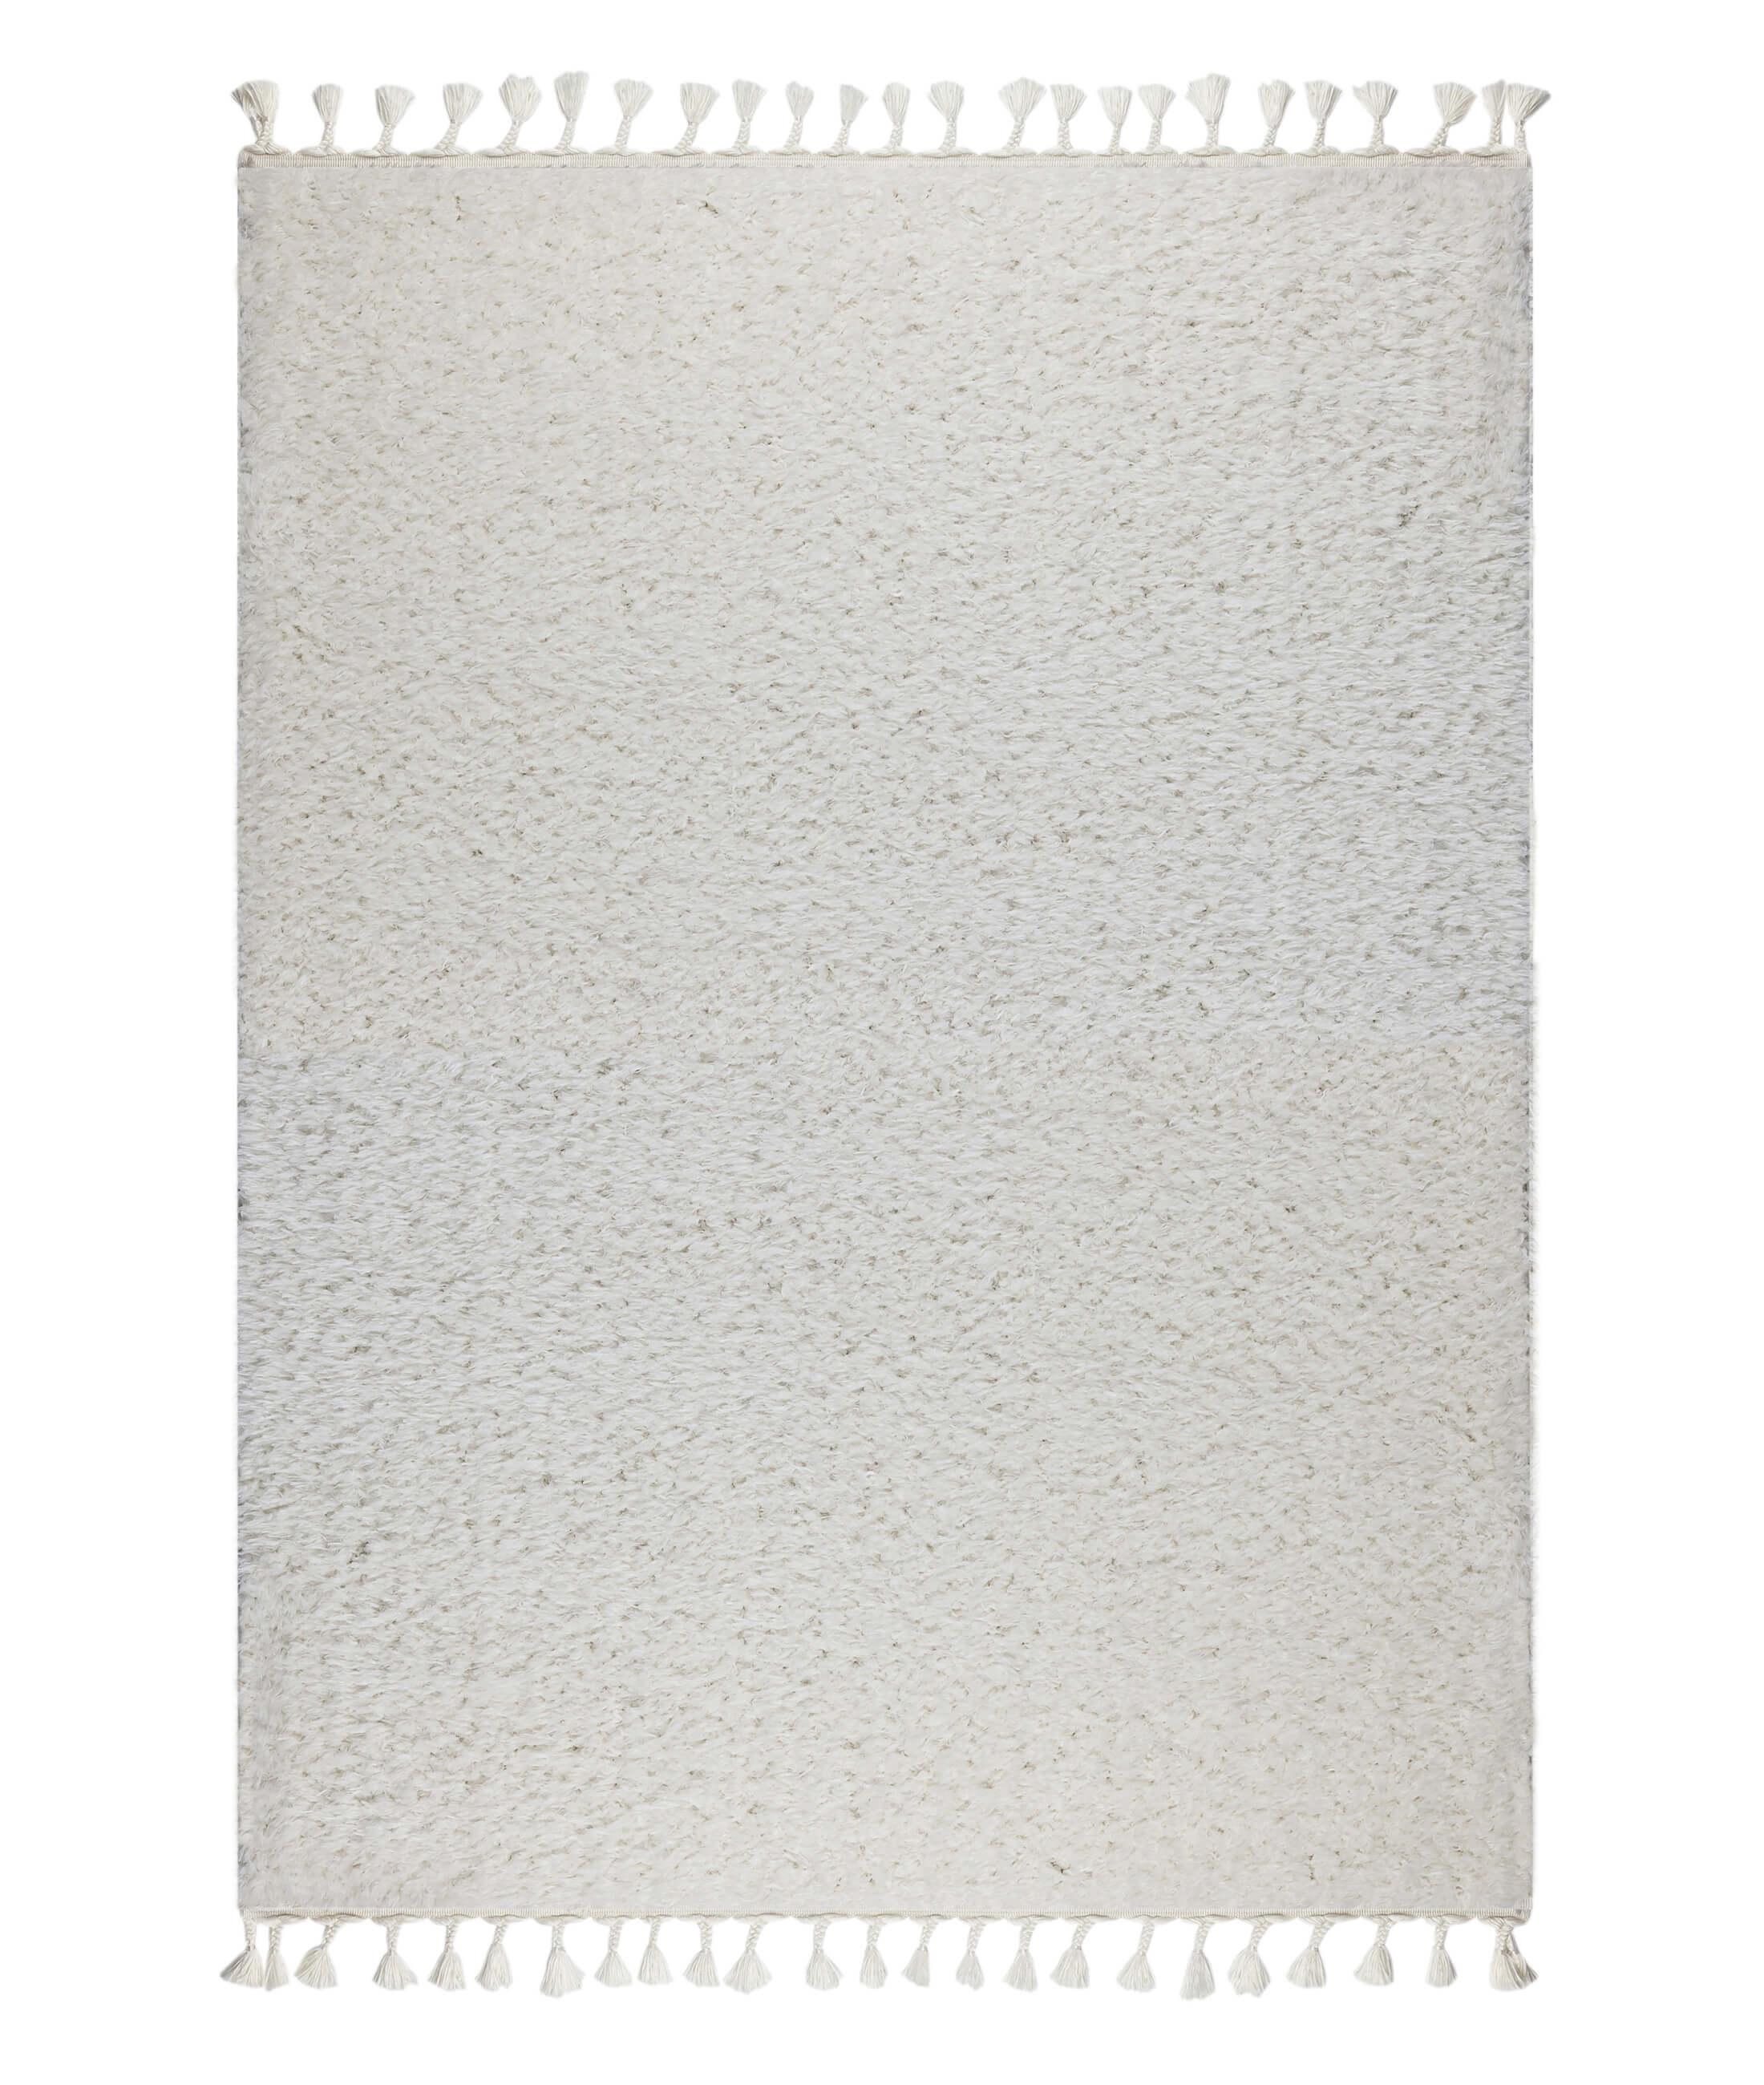 Marakesh White Carpet 0277I